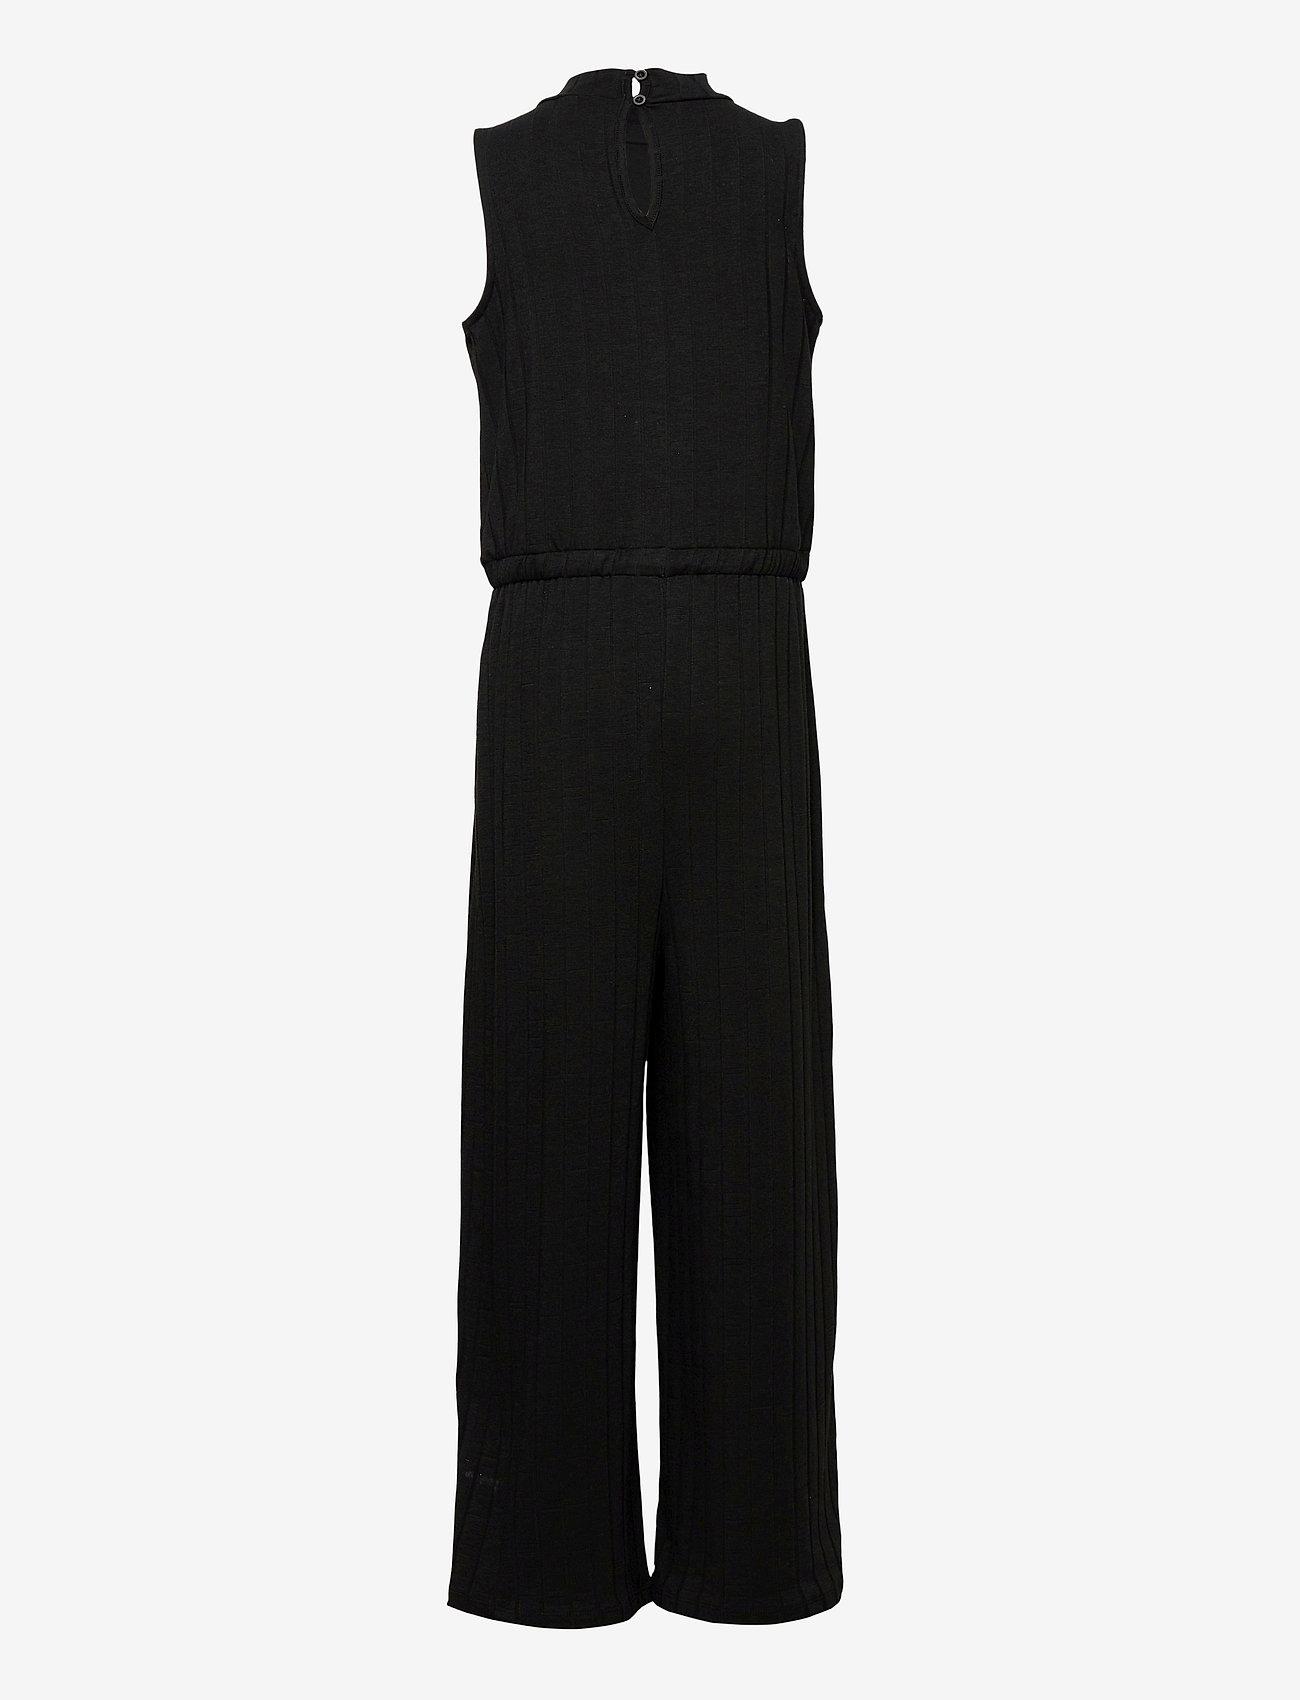 LMTD - NLFDUNNE SL JUMPSUIT - jumpsuits - black - 1